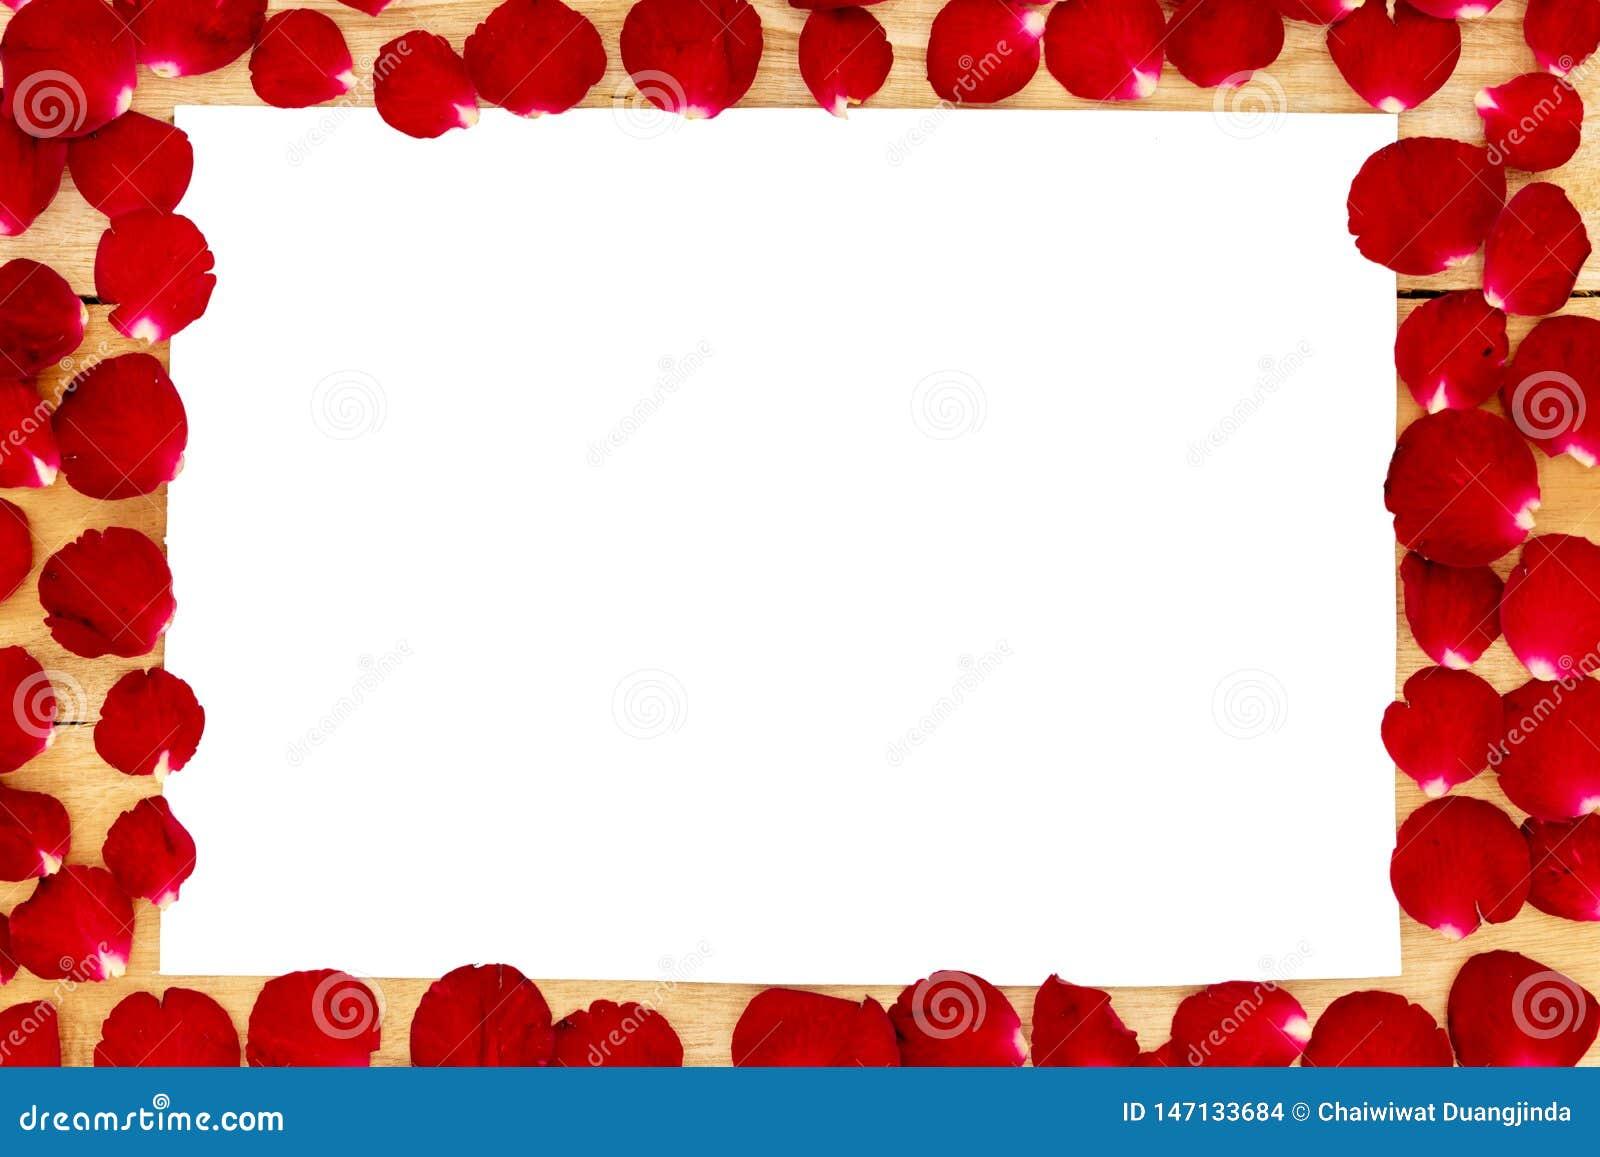 Rosen-Blumenblätter vereinbarten in einem weißen Rahmen